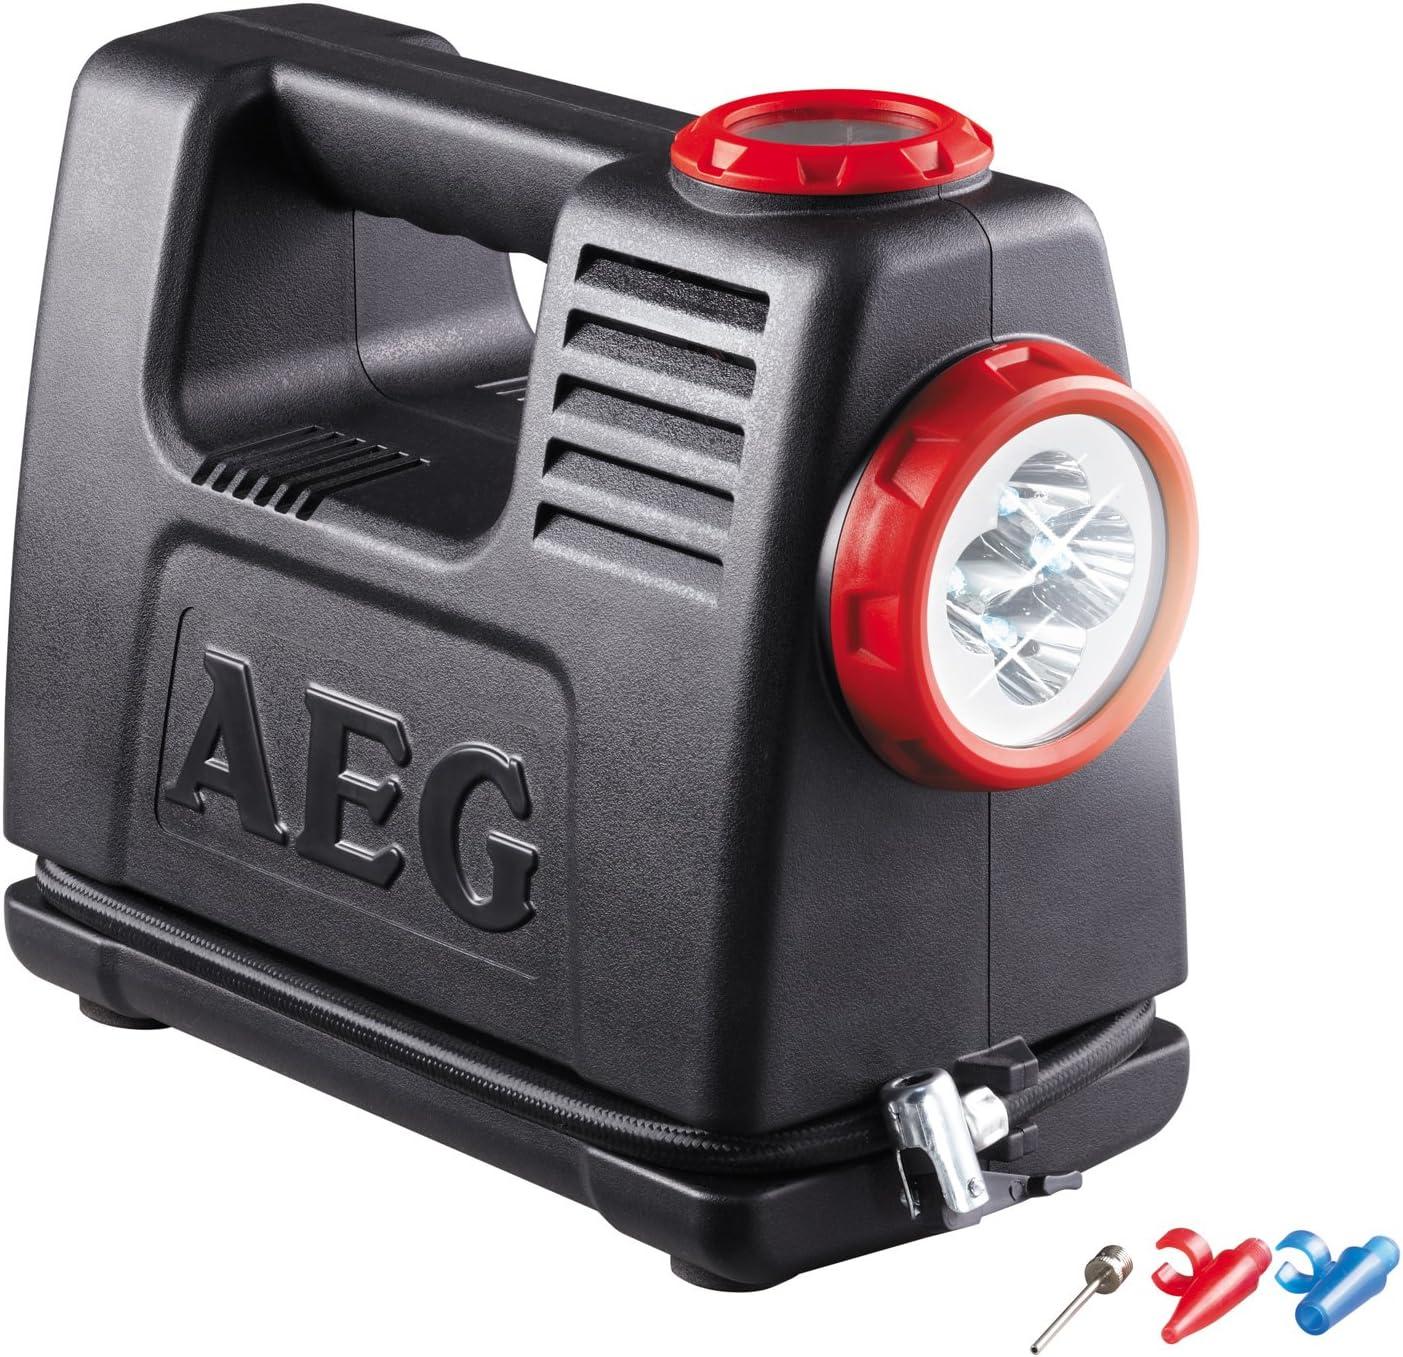 AEG 97180 Estación de aire y energís de batería LA 10, fuente de alimentación móvil con adaptador de 12 y 230 Voltios, máximo 10 bares